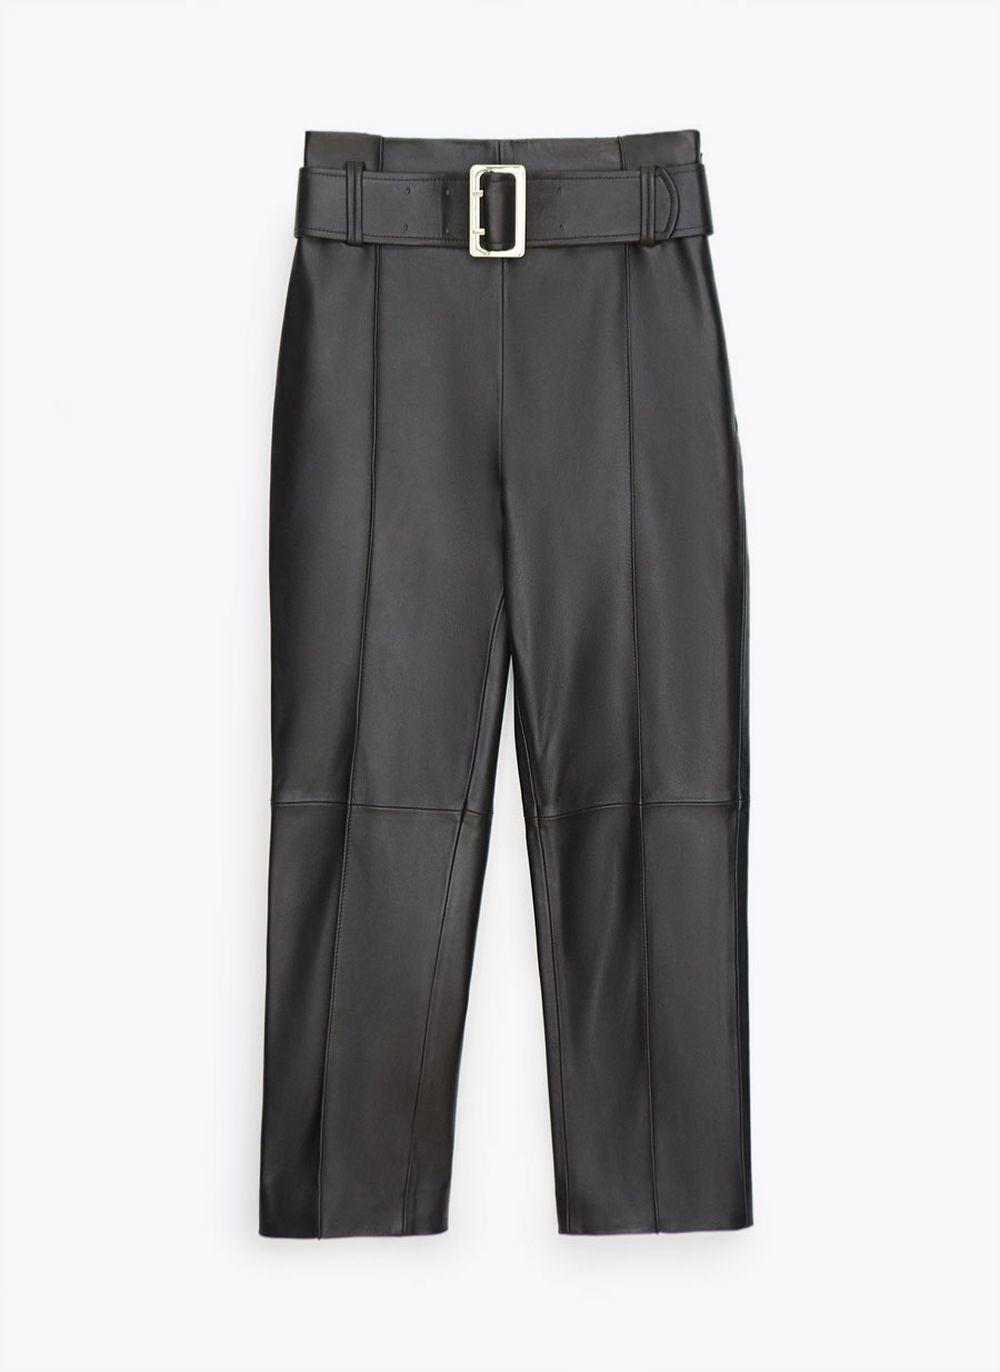 Pantalón de piel con cinturón de Uterqüe (279 euros).